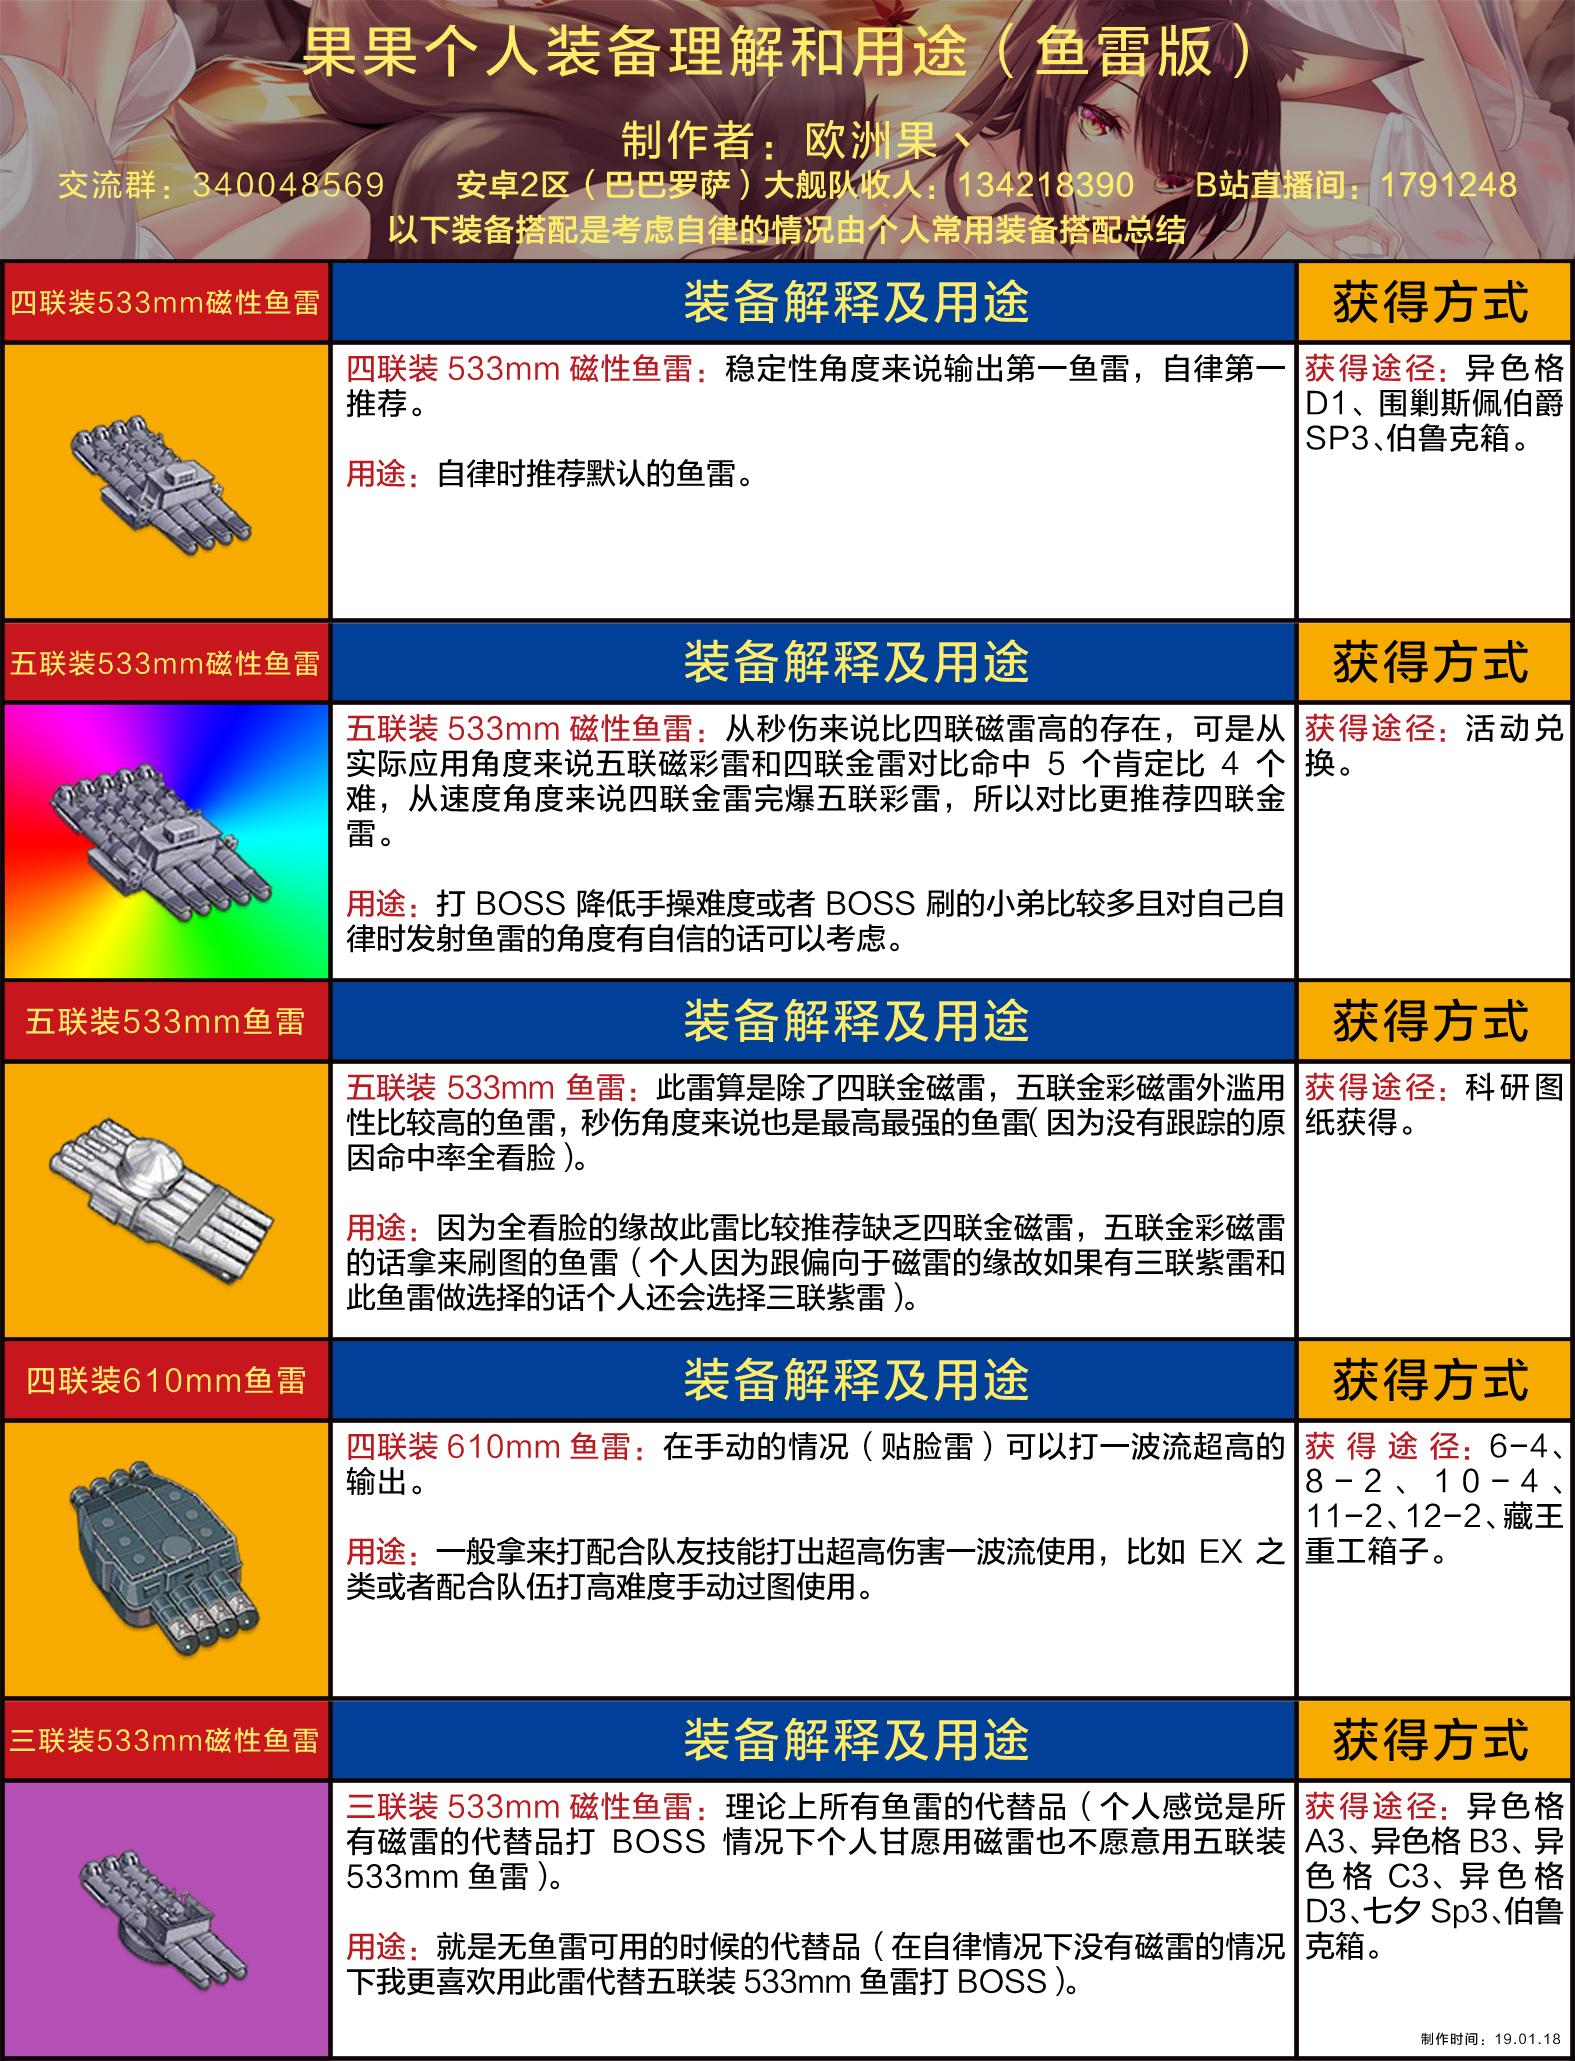 果果个人装备理解和用途(鱼雷版wiki).jpg